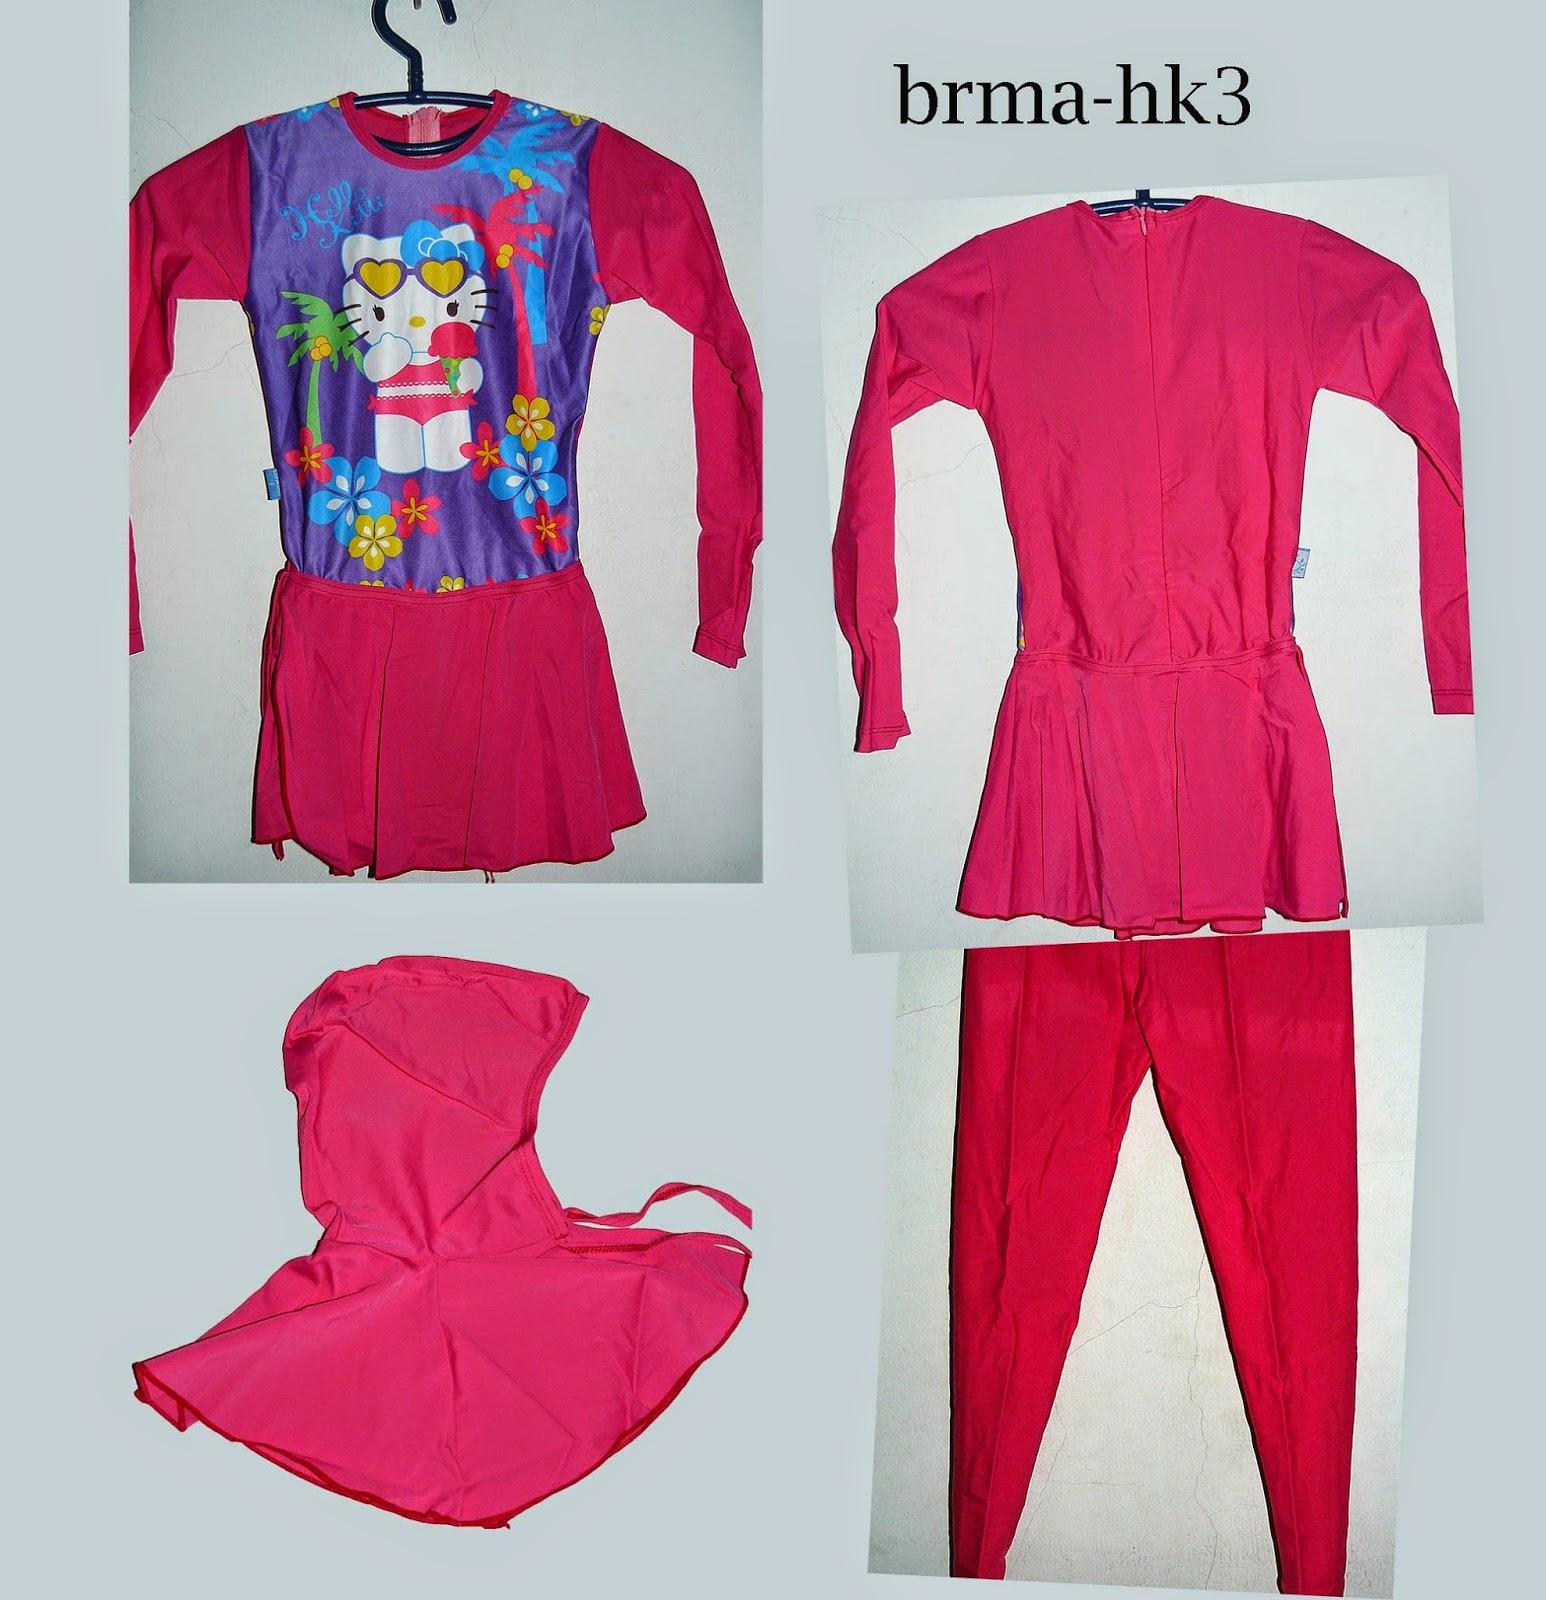 Baju Renang Murah 2014 Anak Muslimah Perempuan Ukuran Bisa Digunakan Untuk 4 6thuntahun Harga Rp 135000